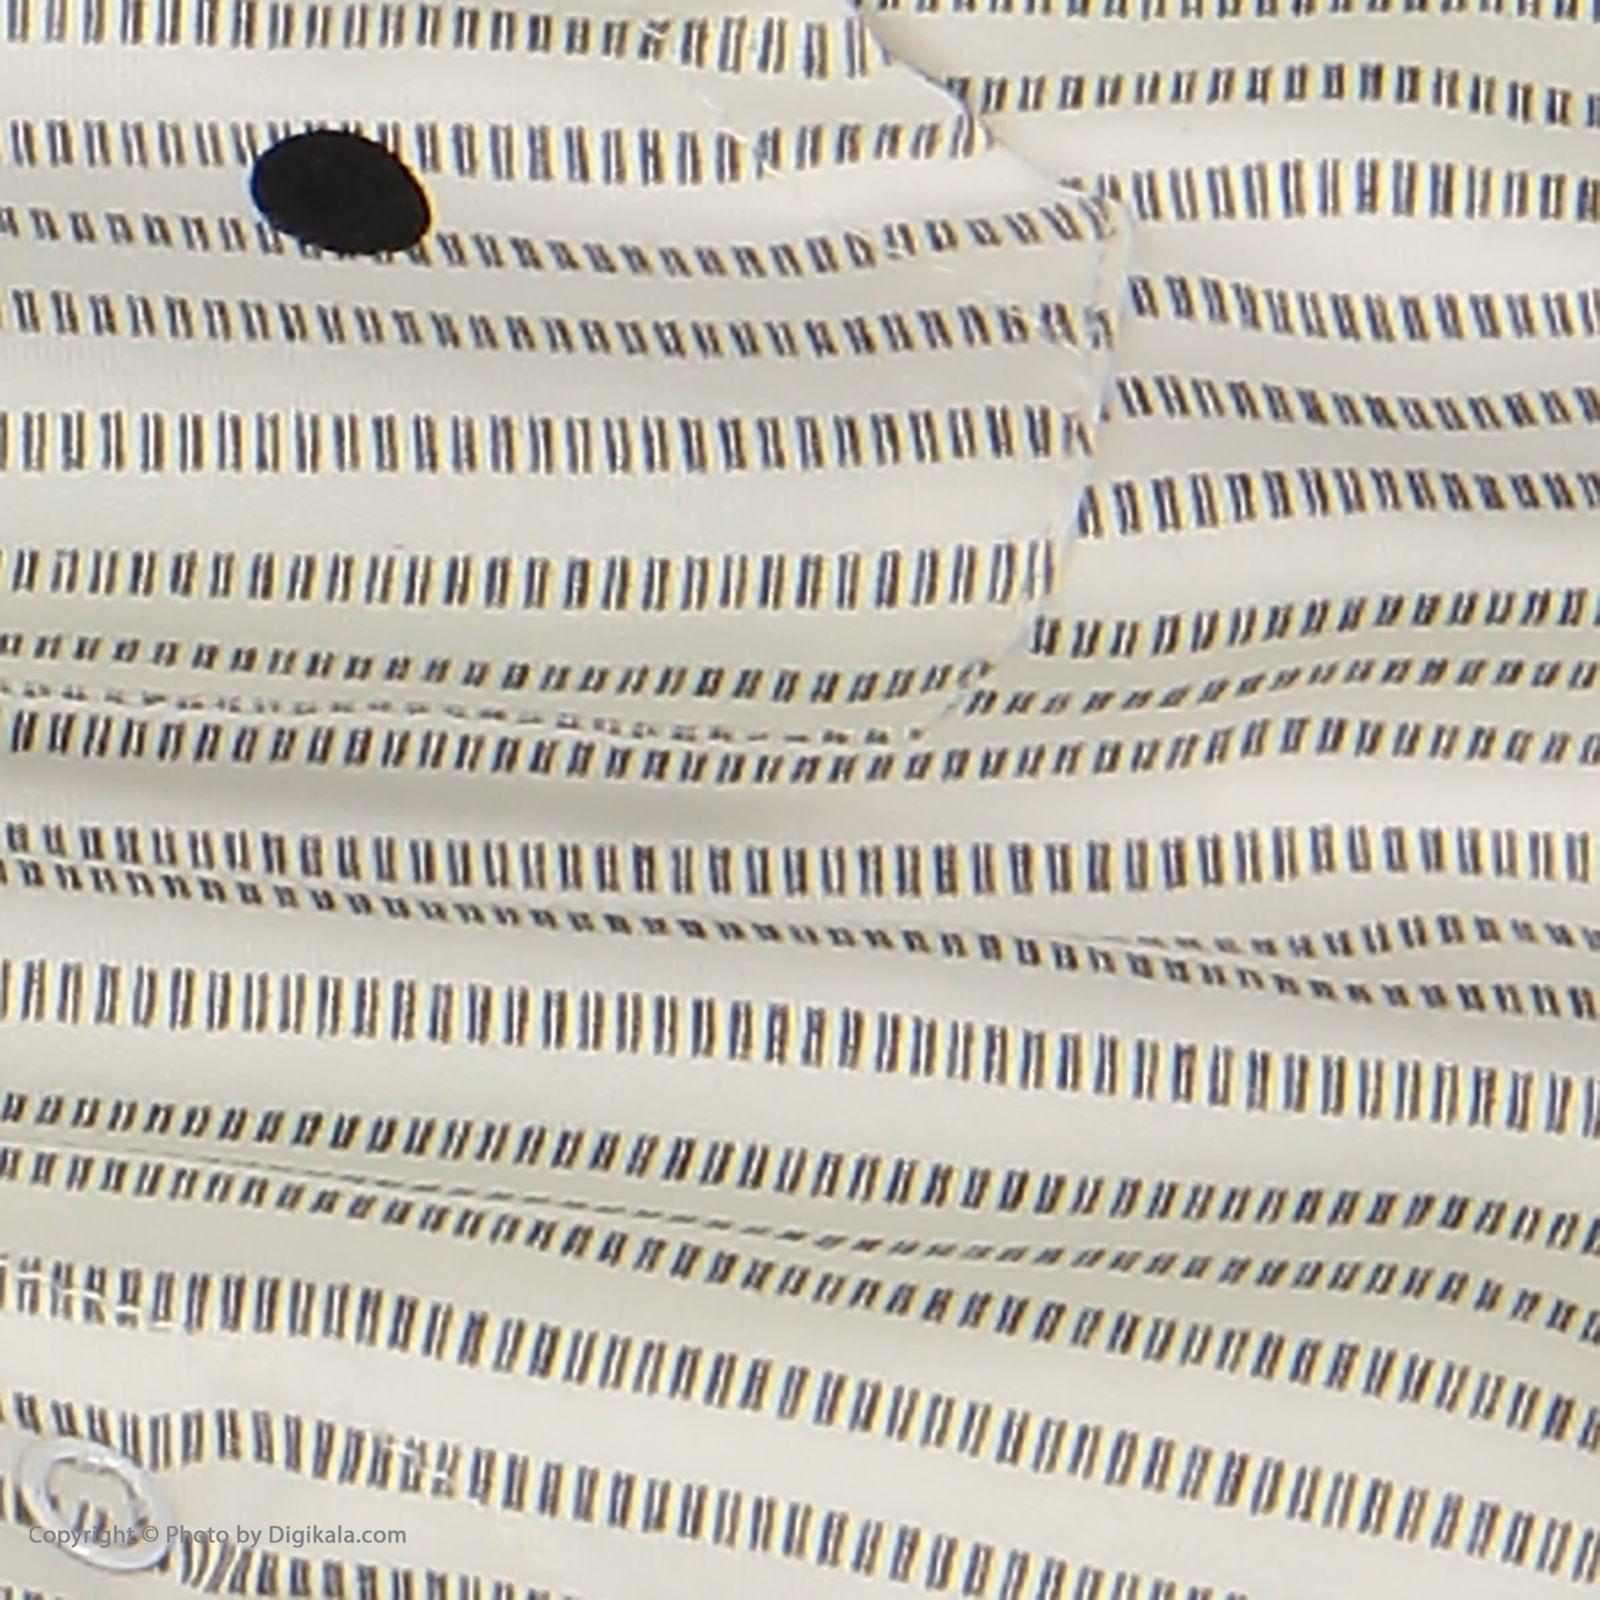 ست سرهمی و تی شرت نوزادی بی بی ناز مدل 1501492-0193 - سفید طوسی - 10